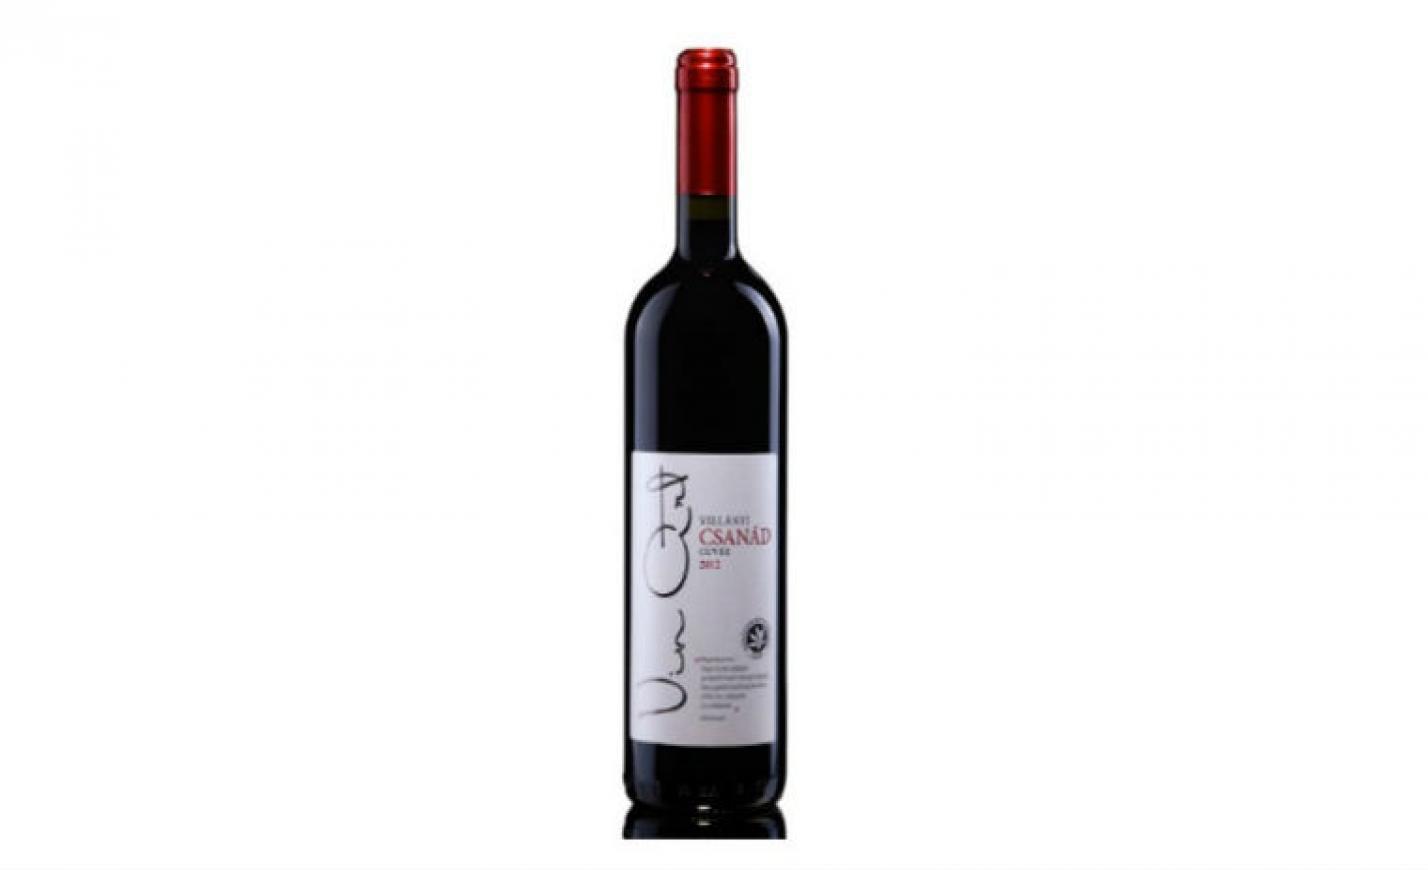 Minden napra egy vörösbor: Vin Art Pincészet, Csanád Cuvée 2012